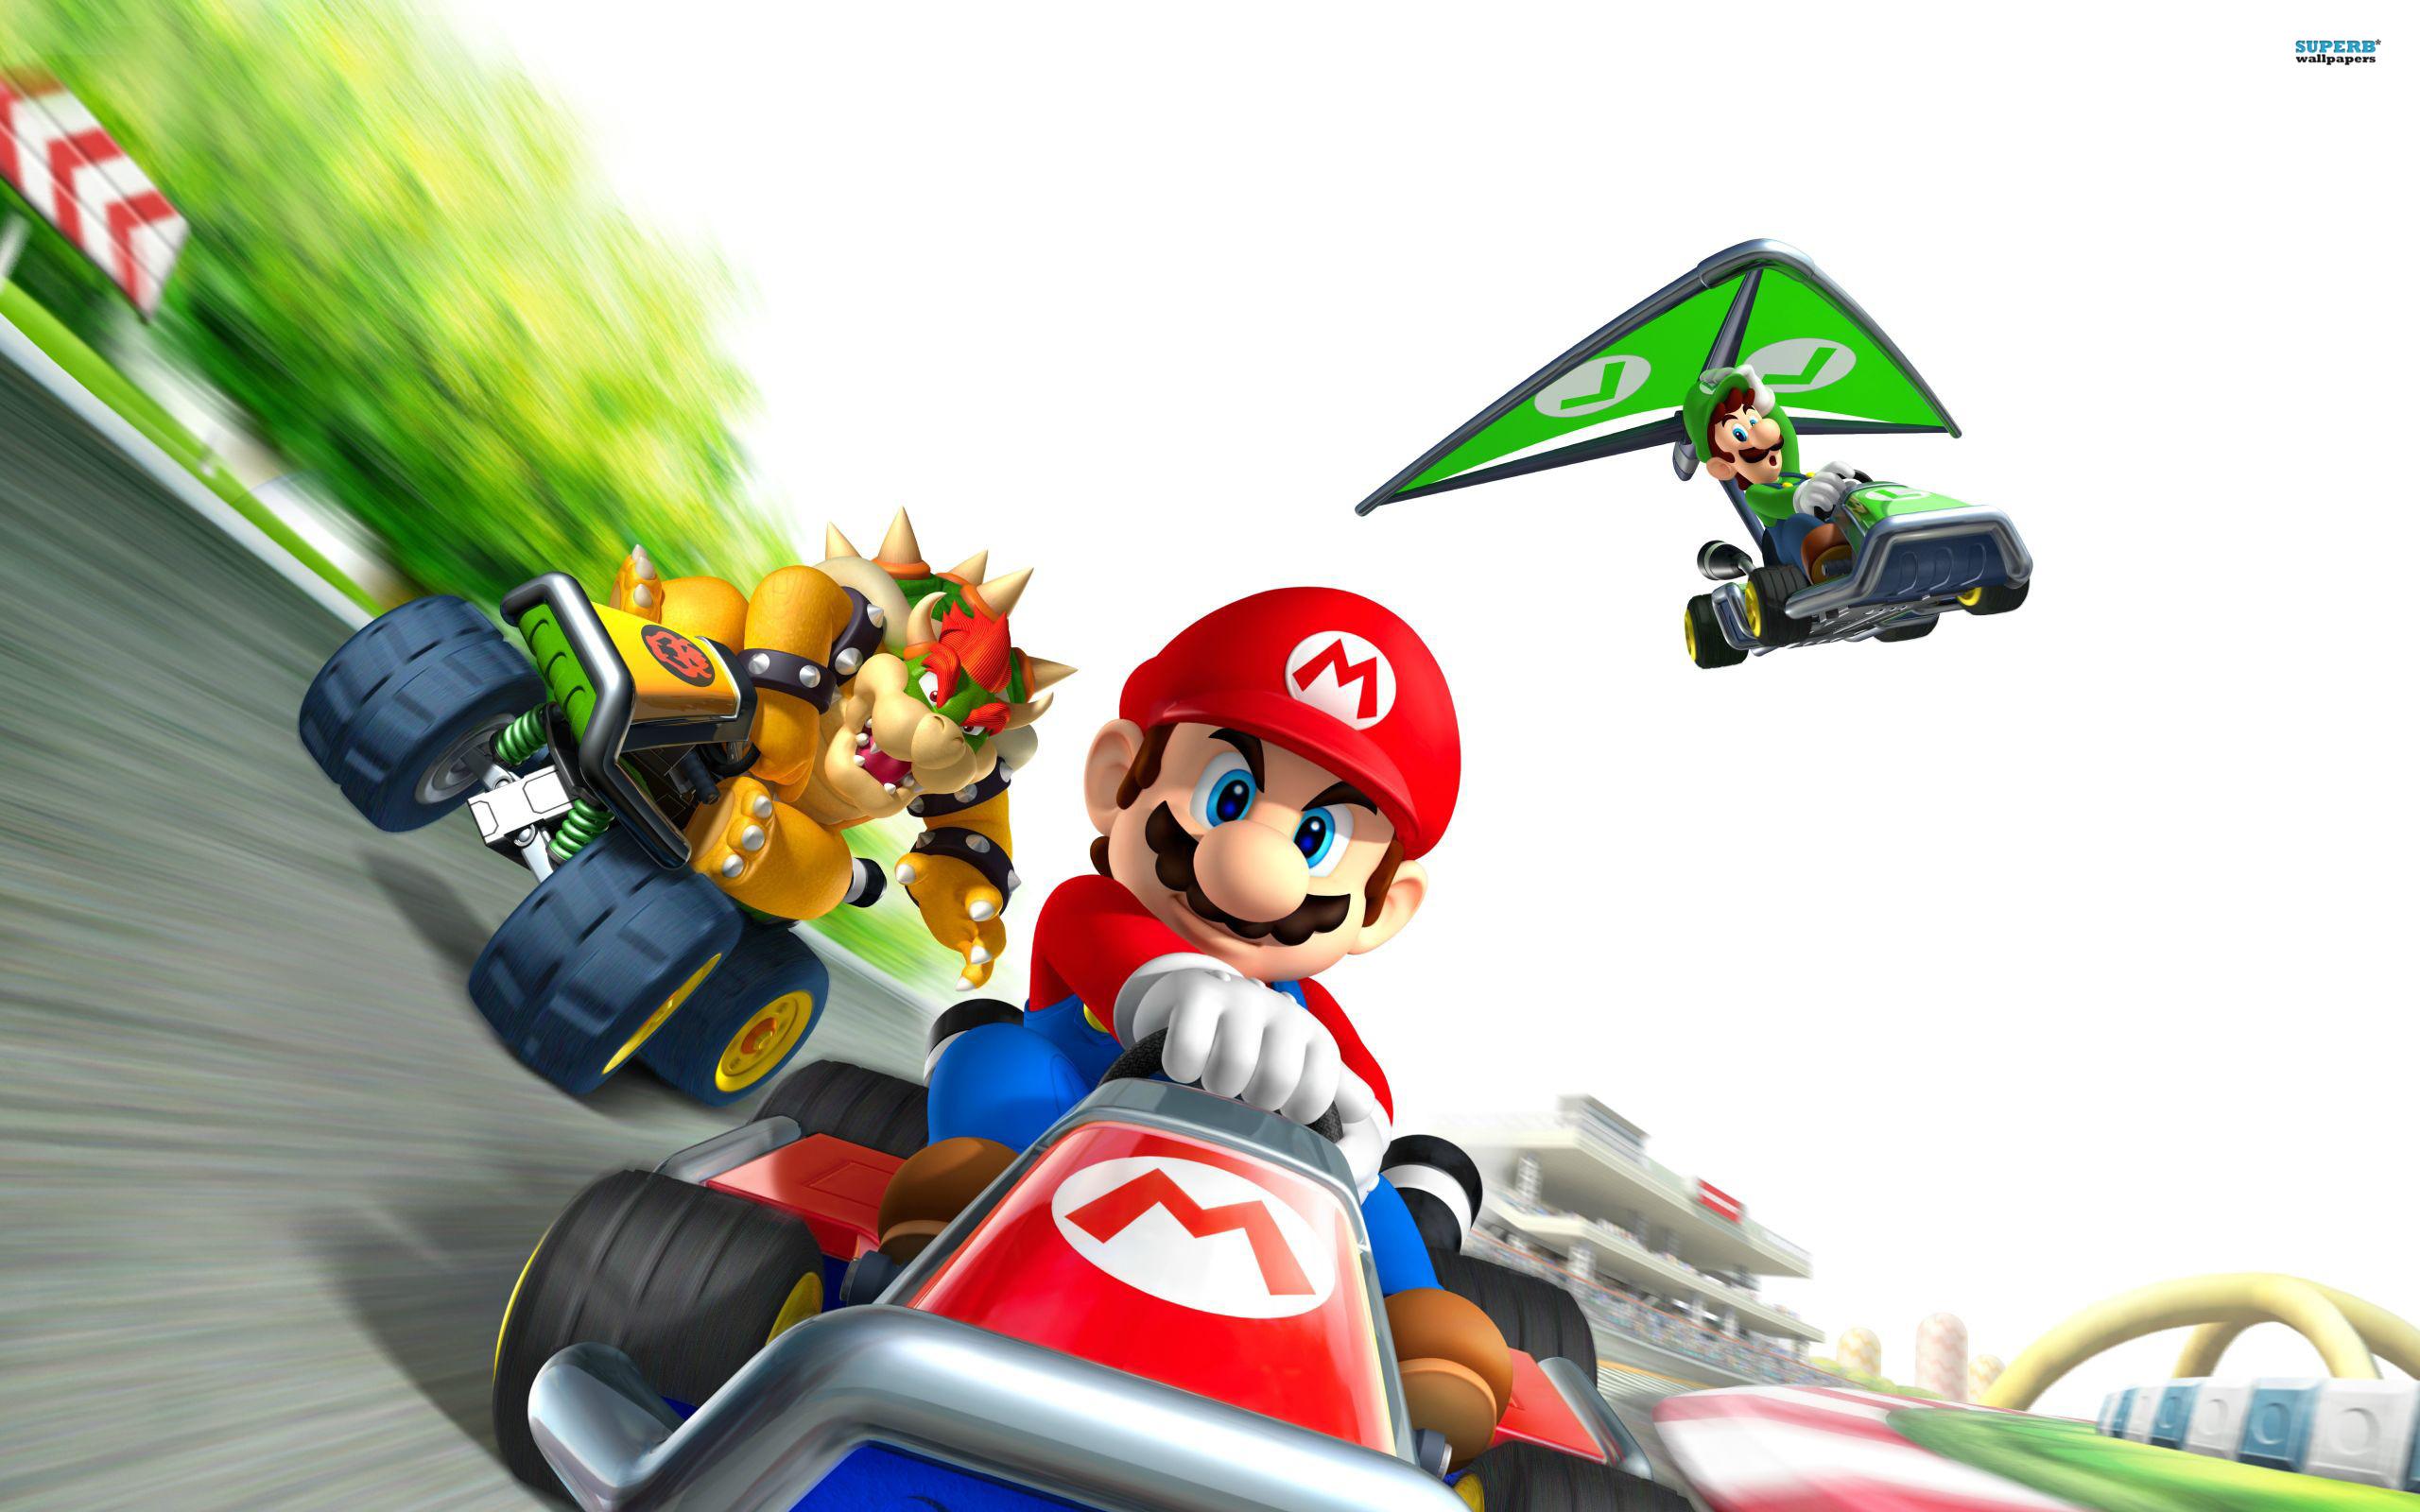 Free Mario Kart Wallpaper